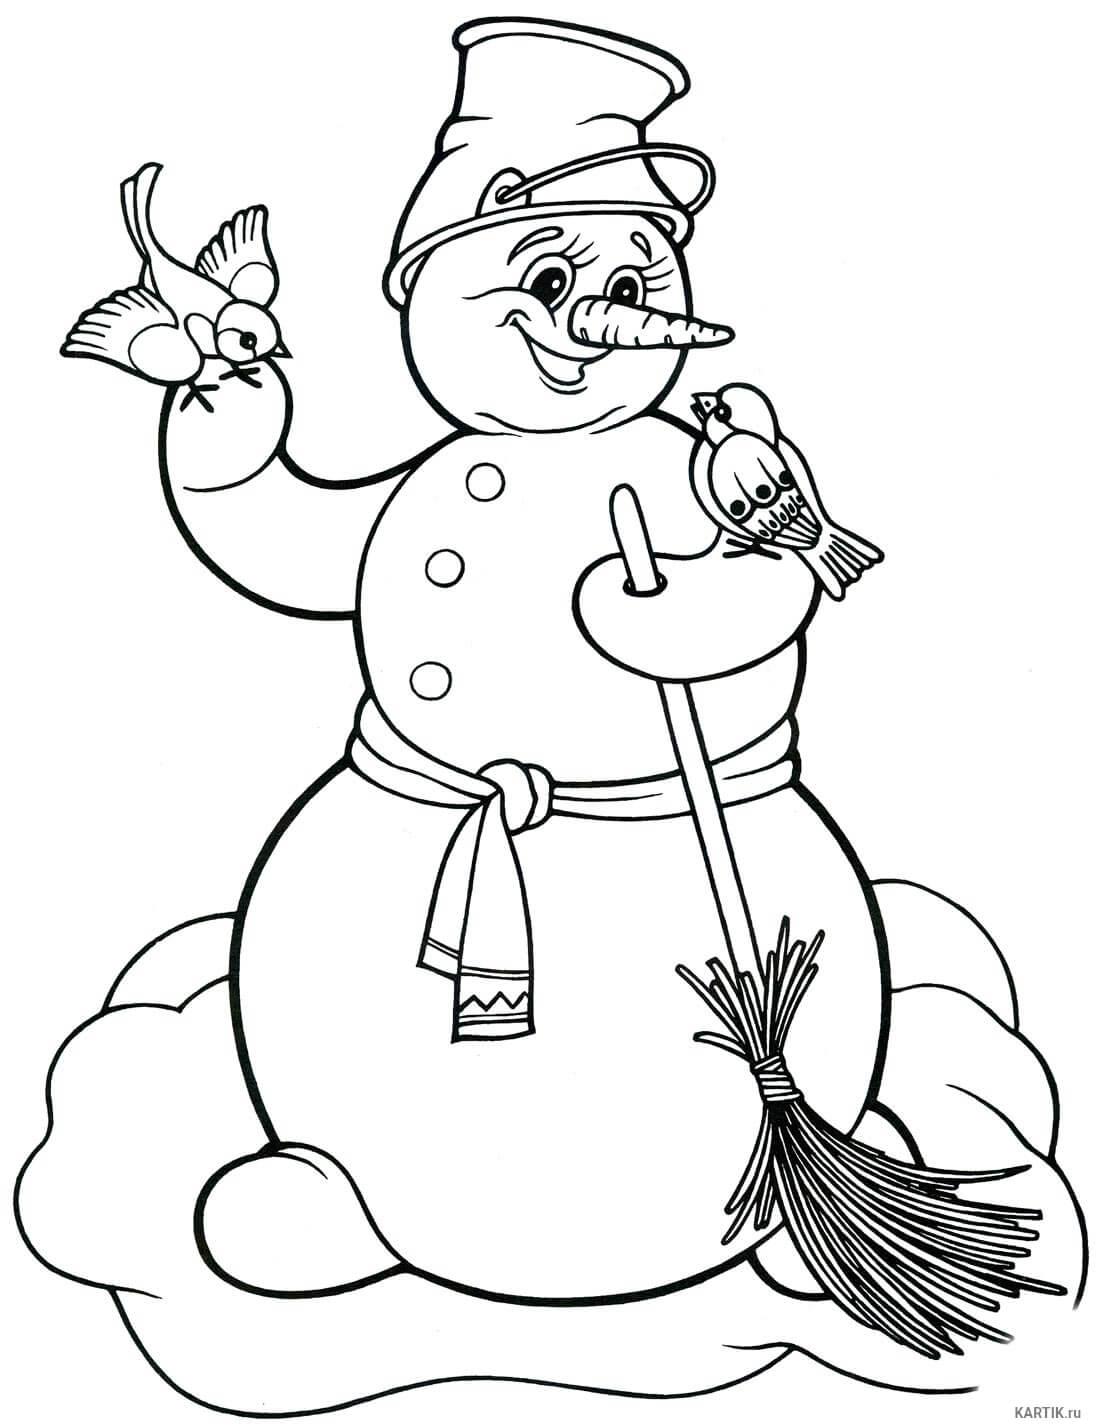 Лучшие картинки рисунки снеговиков для срисовки - коллекция 12